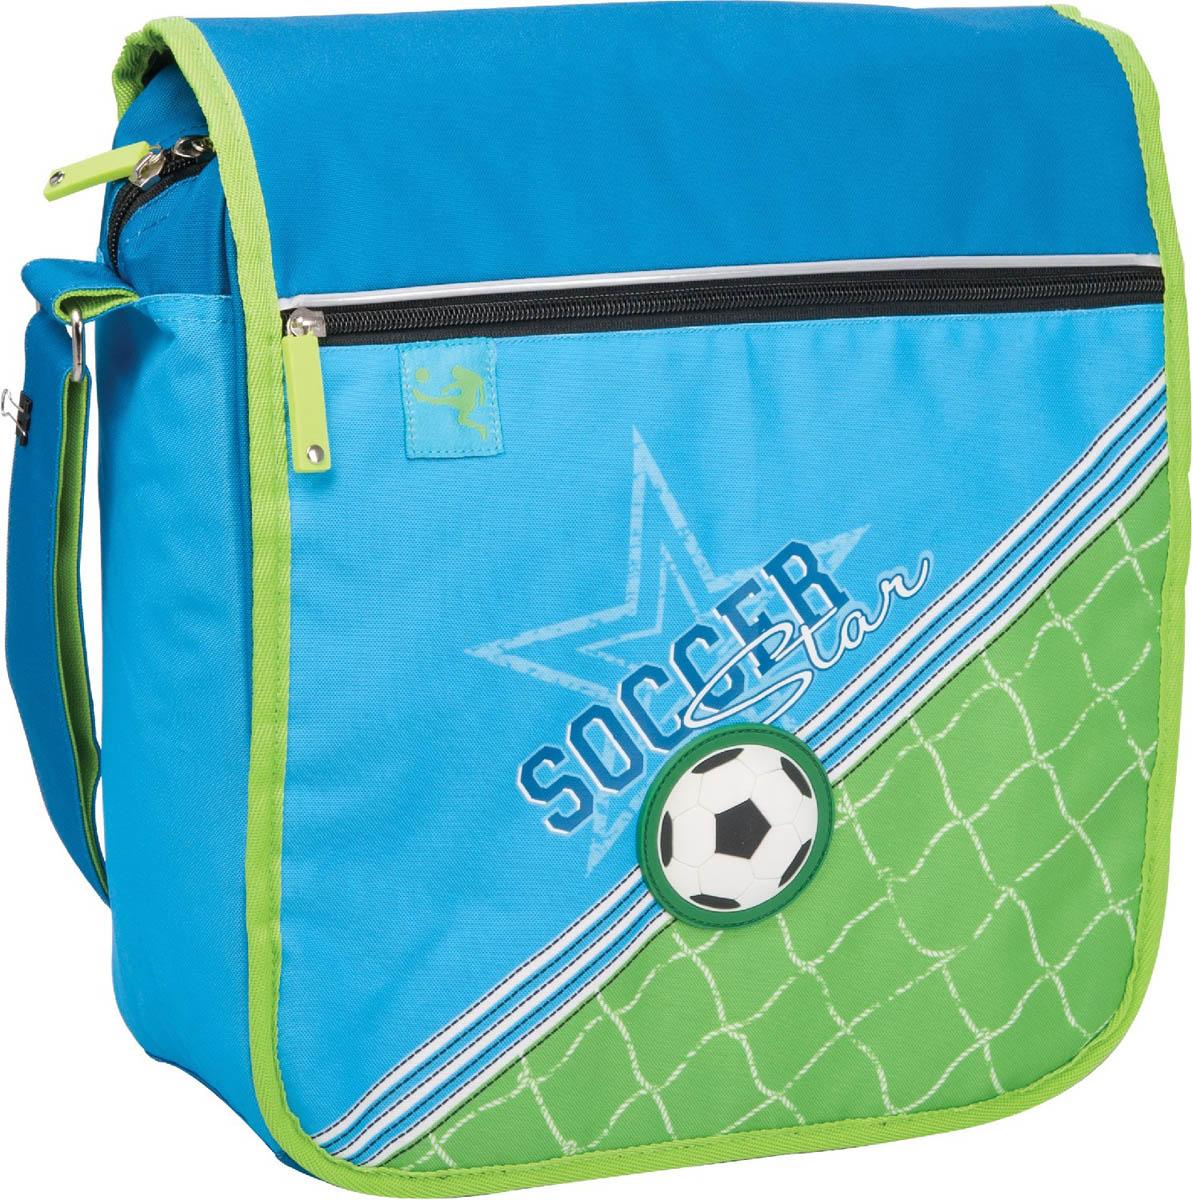 Сумка школьная ErichKrause Soccer erichkrause erichkrause сумка школьная pro sports league зеленая